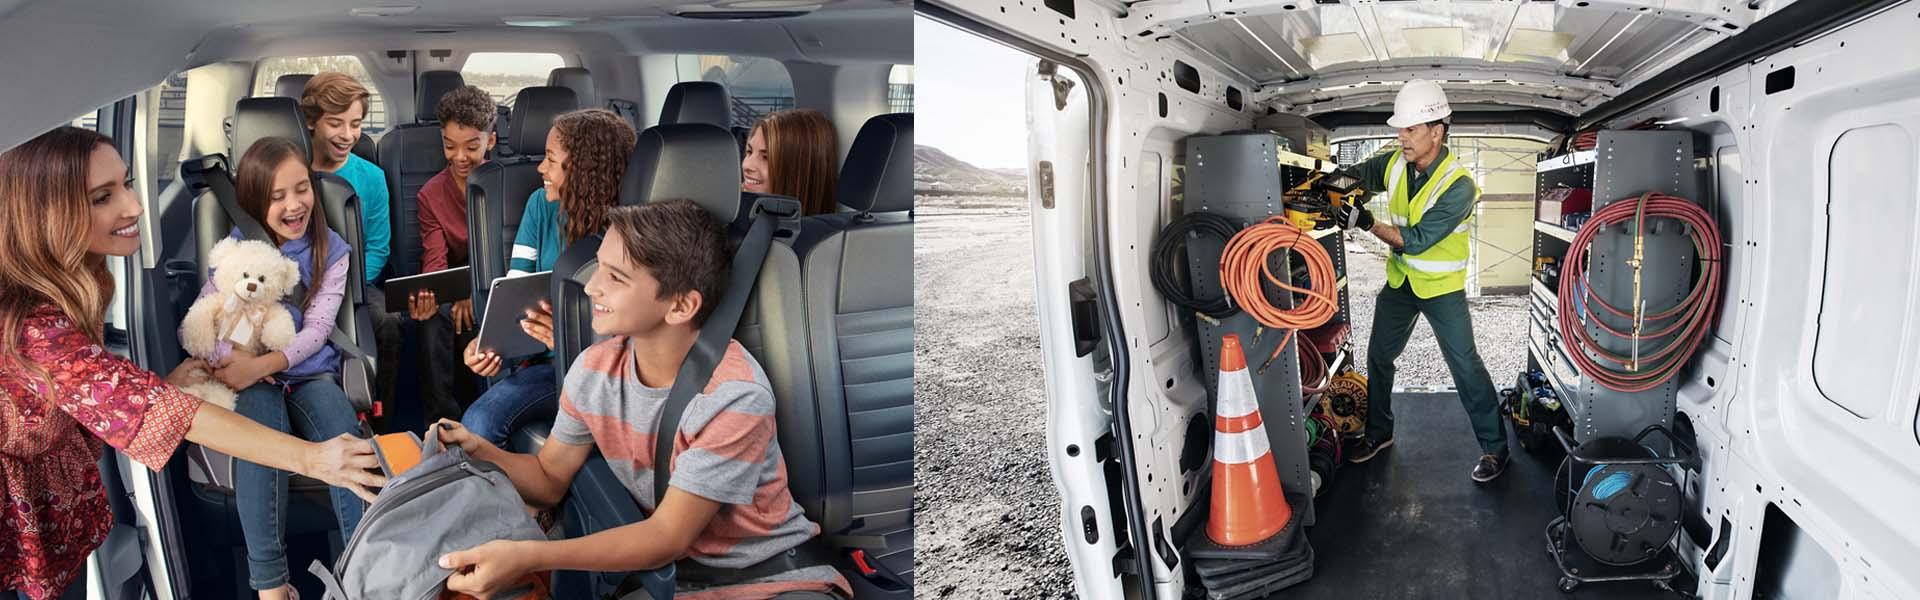 2020 Ford Transit Van interior